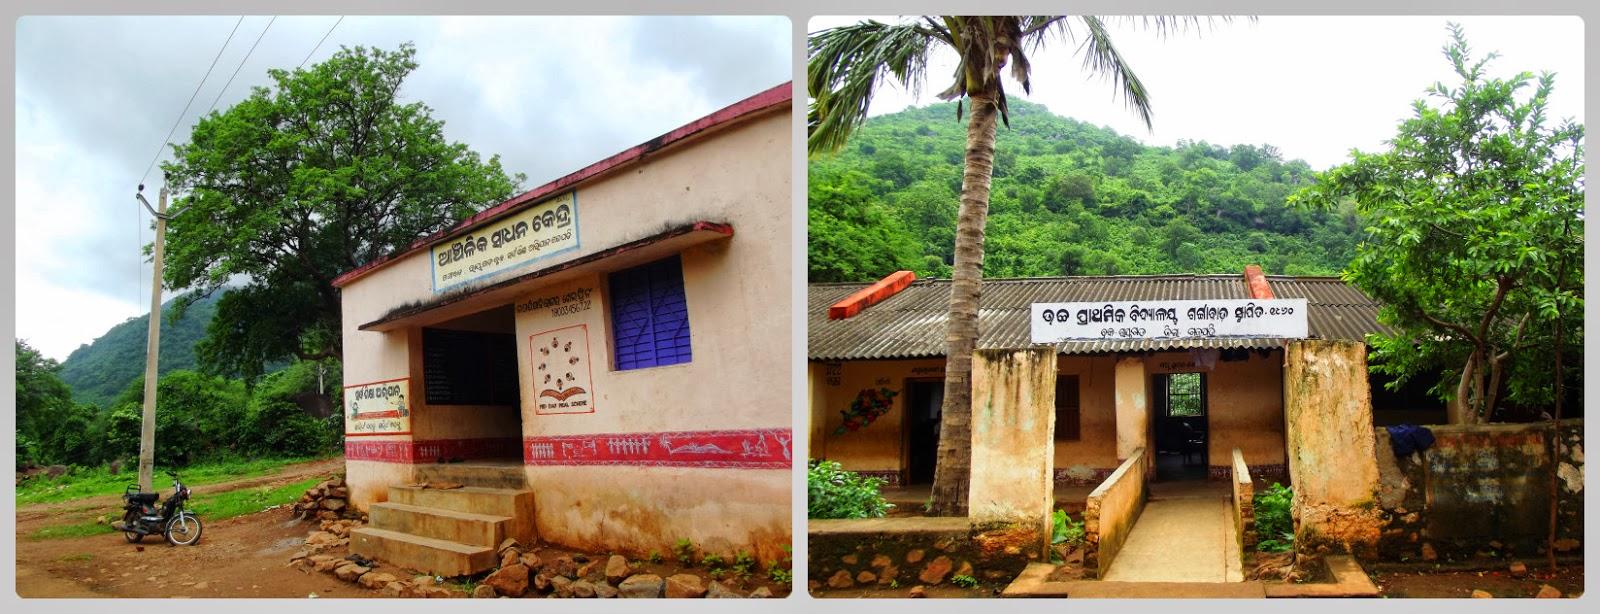 Gangabada school on the way to mahendragiri